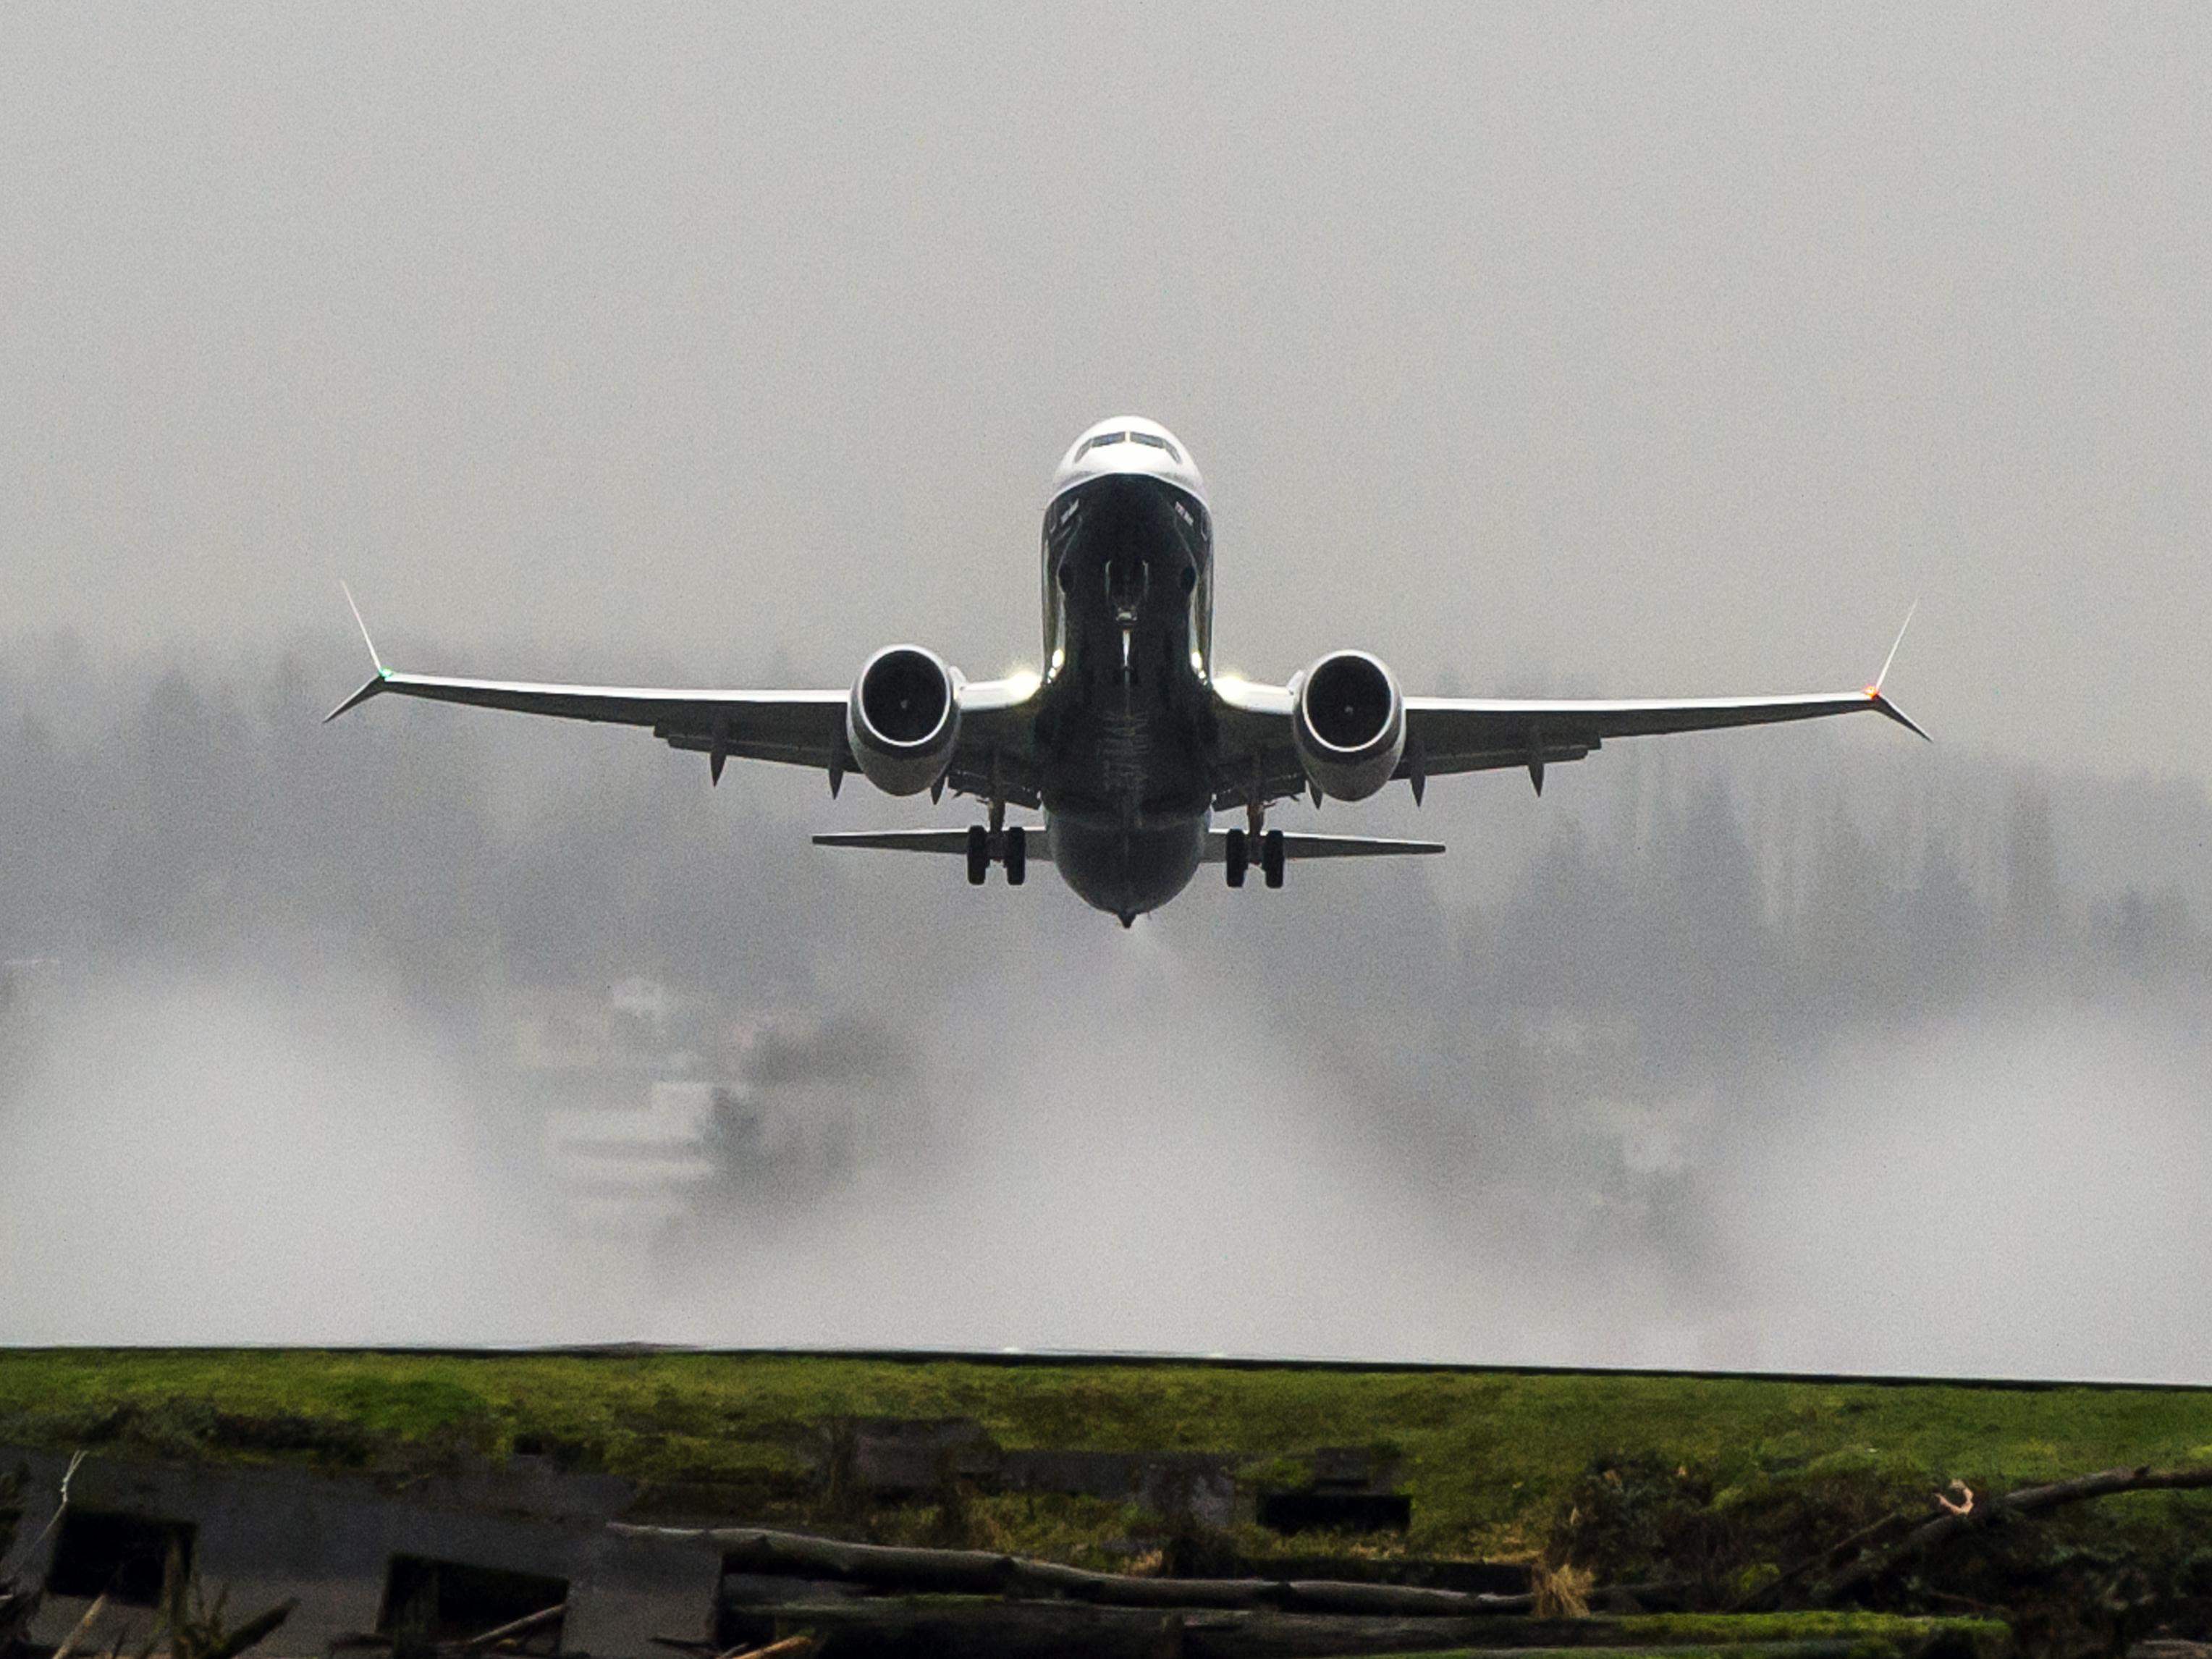 Bourget 2017 : Le Boeing 737 MAX 10 affiche 15 clients et plus de 350 ventes